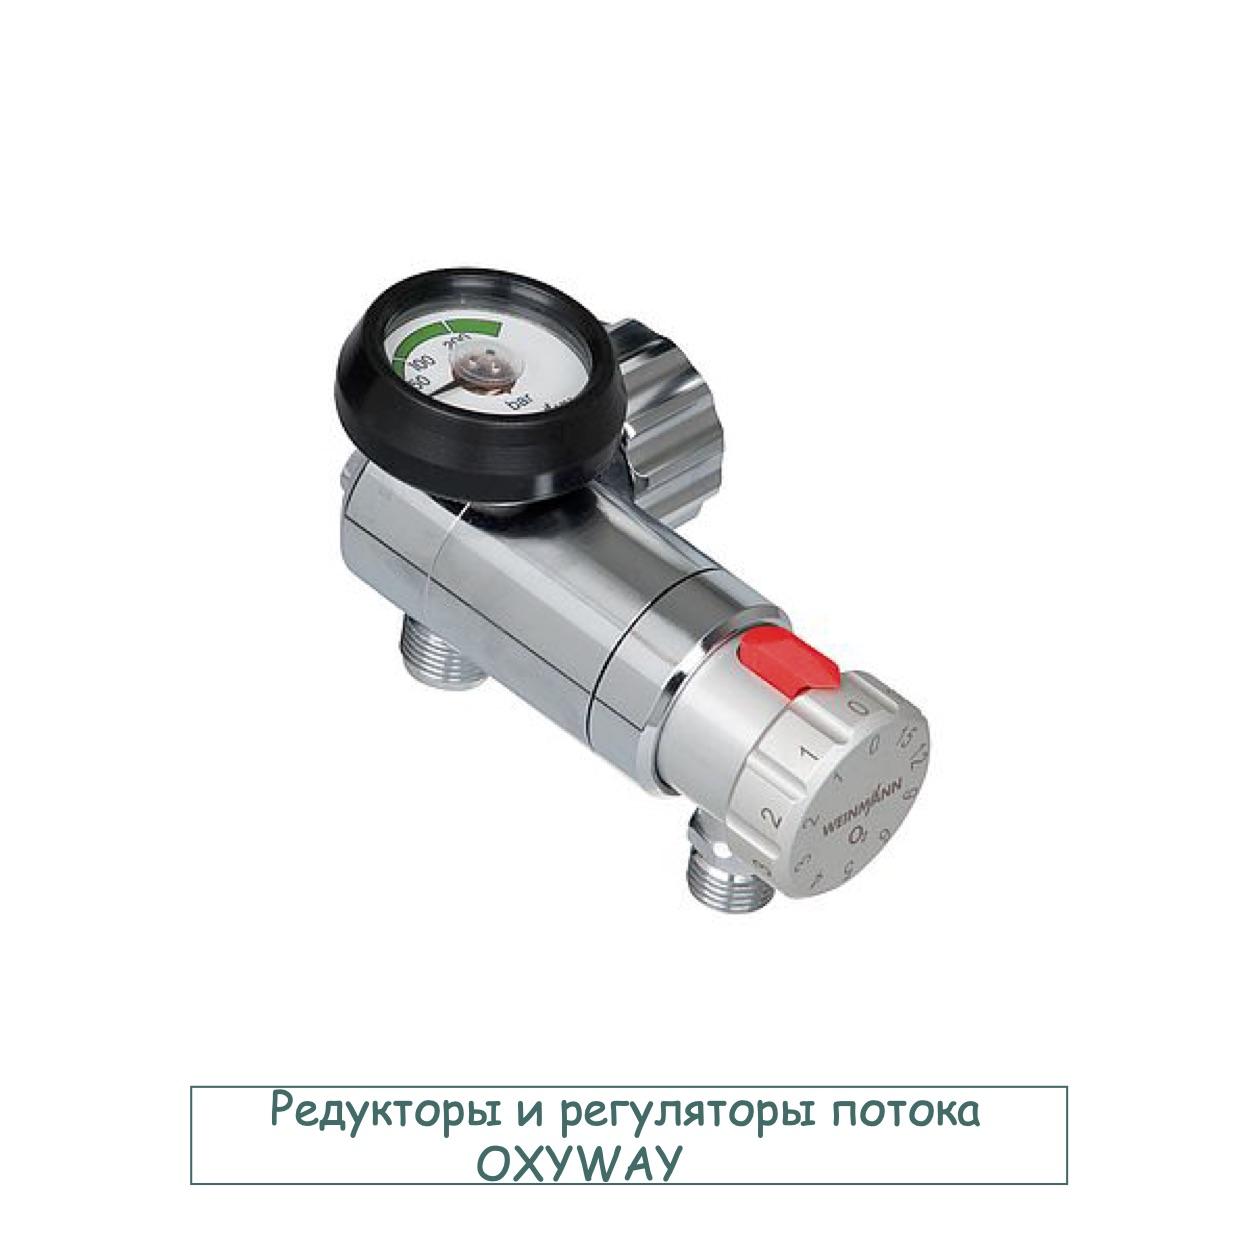 Кислородное оборудование OXYWAY Редукторы и регуляторы потока